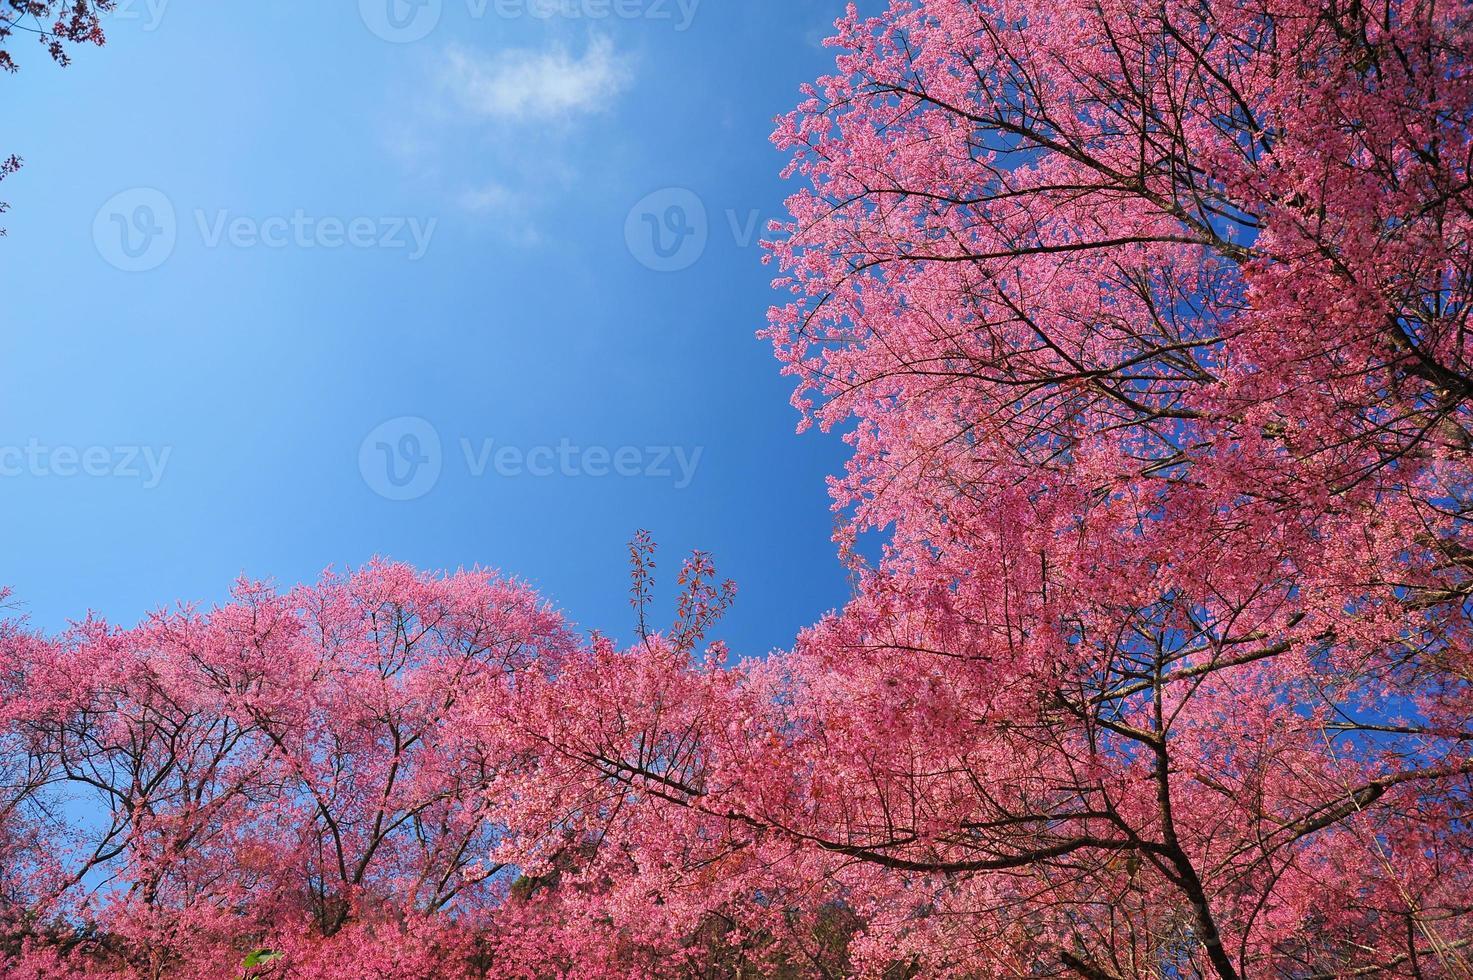 superbi fiori di ciliegio rosa con sfondi di cielo blu foto